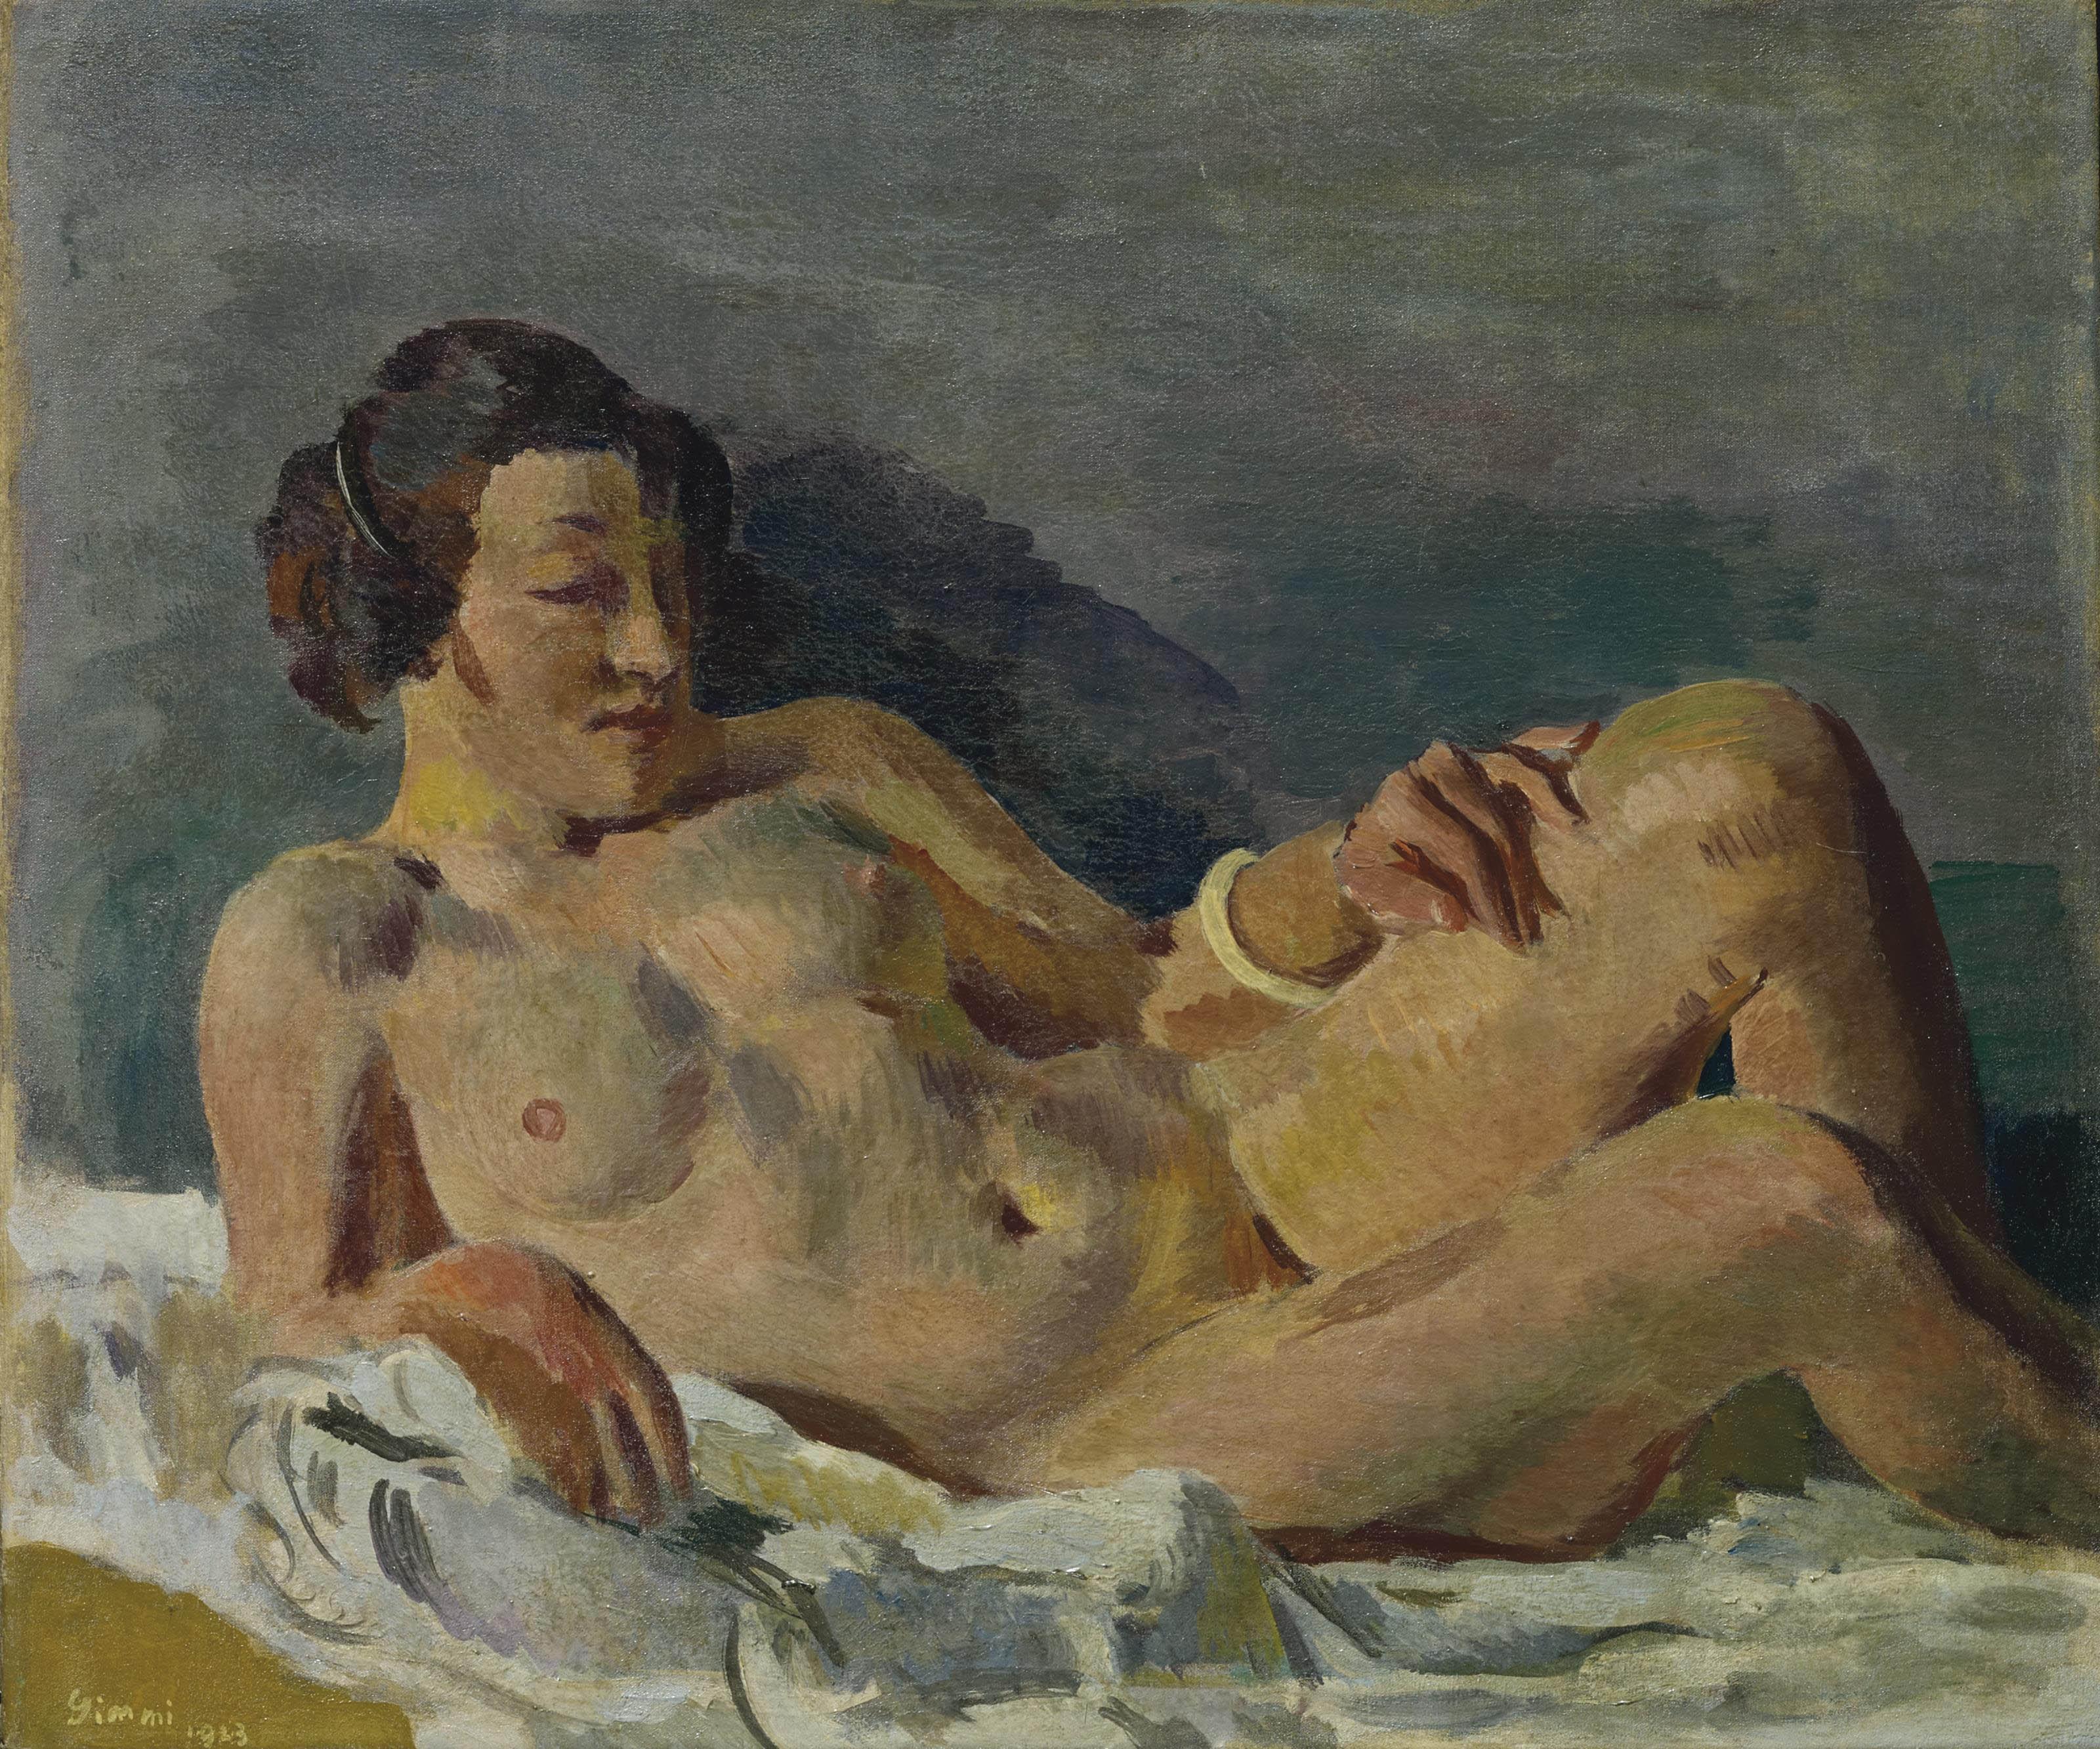 Nu couché, 1923